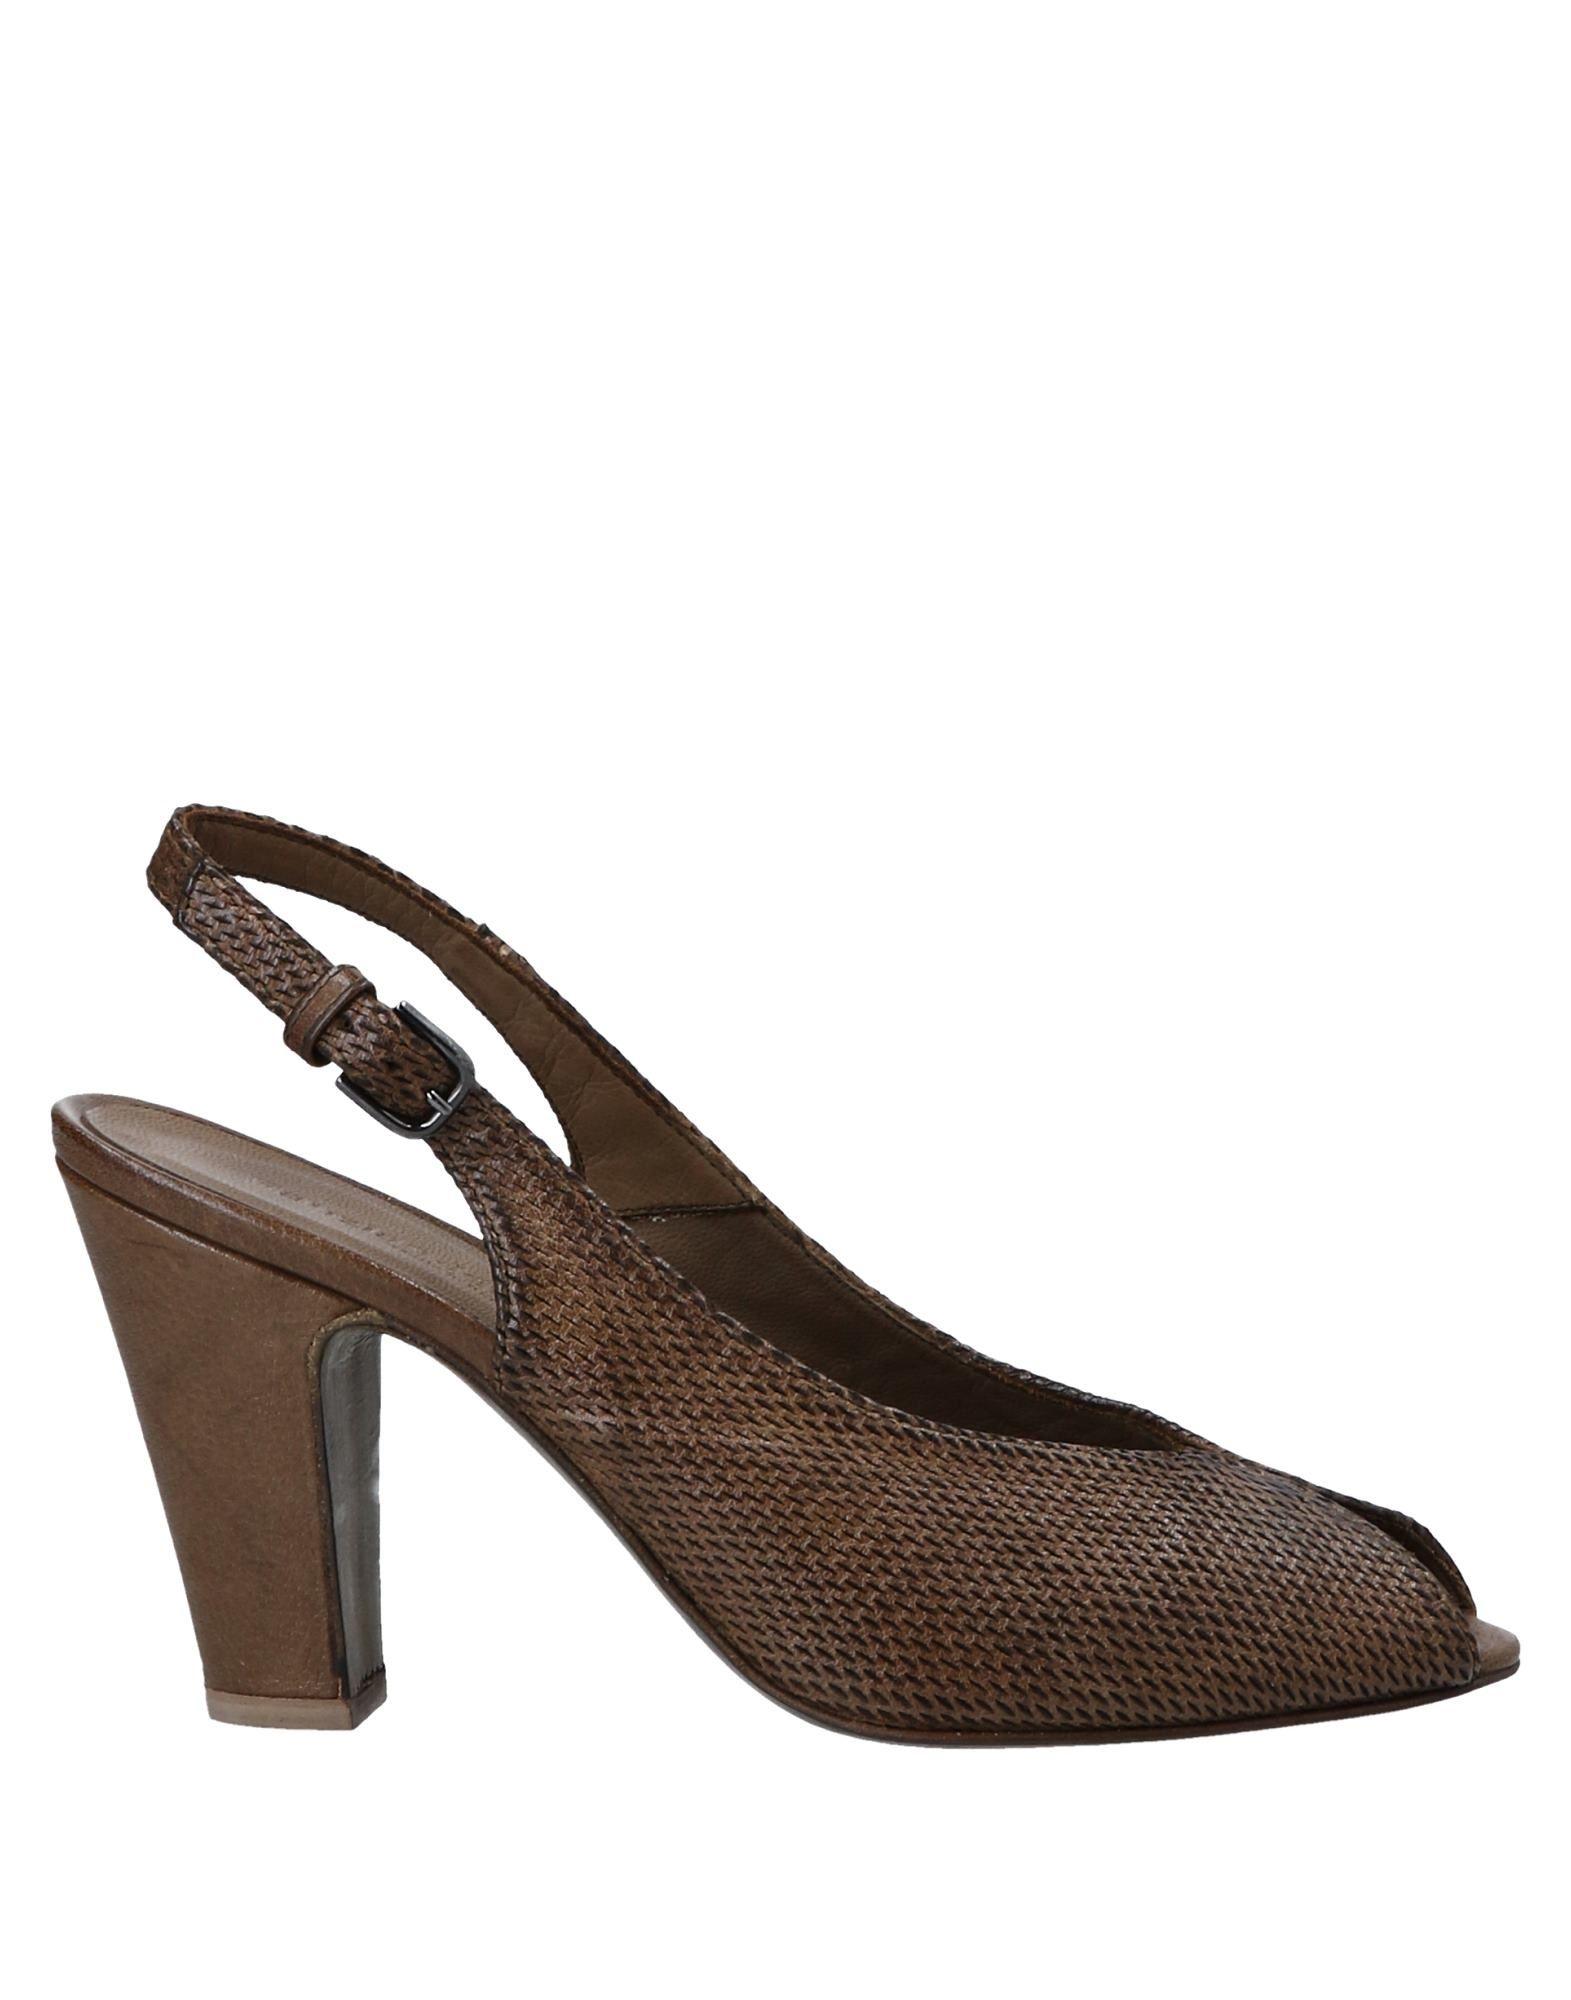 Stilvolle billige Schuhe Damen Fauzian Jeunesse Sandalen Damen Schuhe  11552351XR 58605a